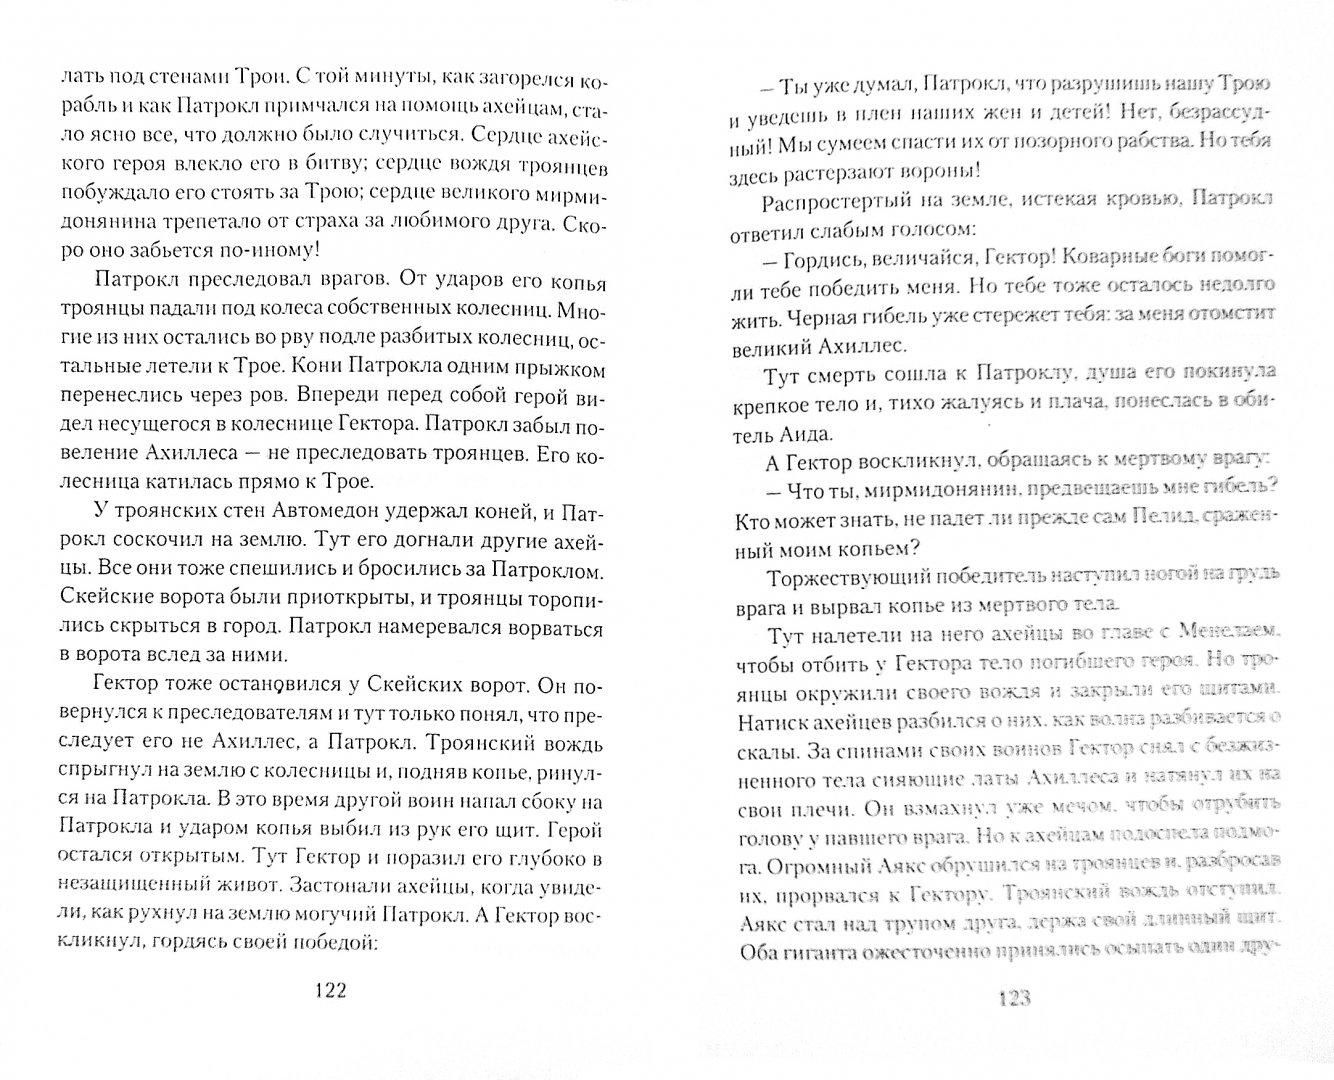 Иллюстрация 1 из 16 для Приключения Одиссея. Троянская война и ее герои - Елена Тудоровская   Лабиринт - книги. Источник: Лабиринт